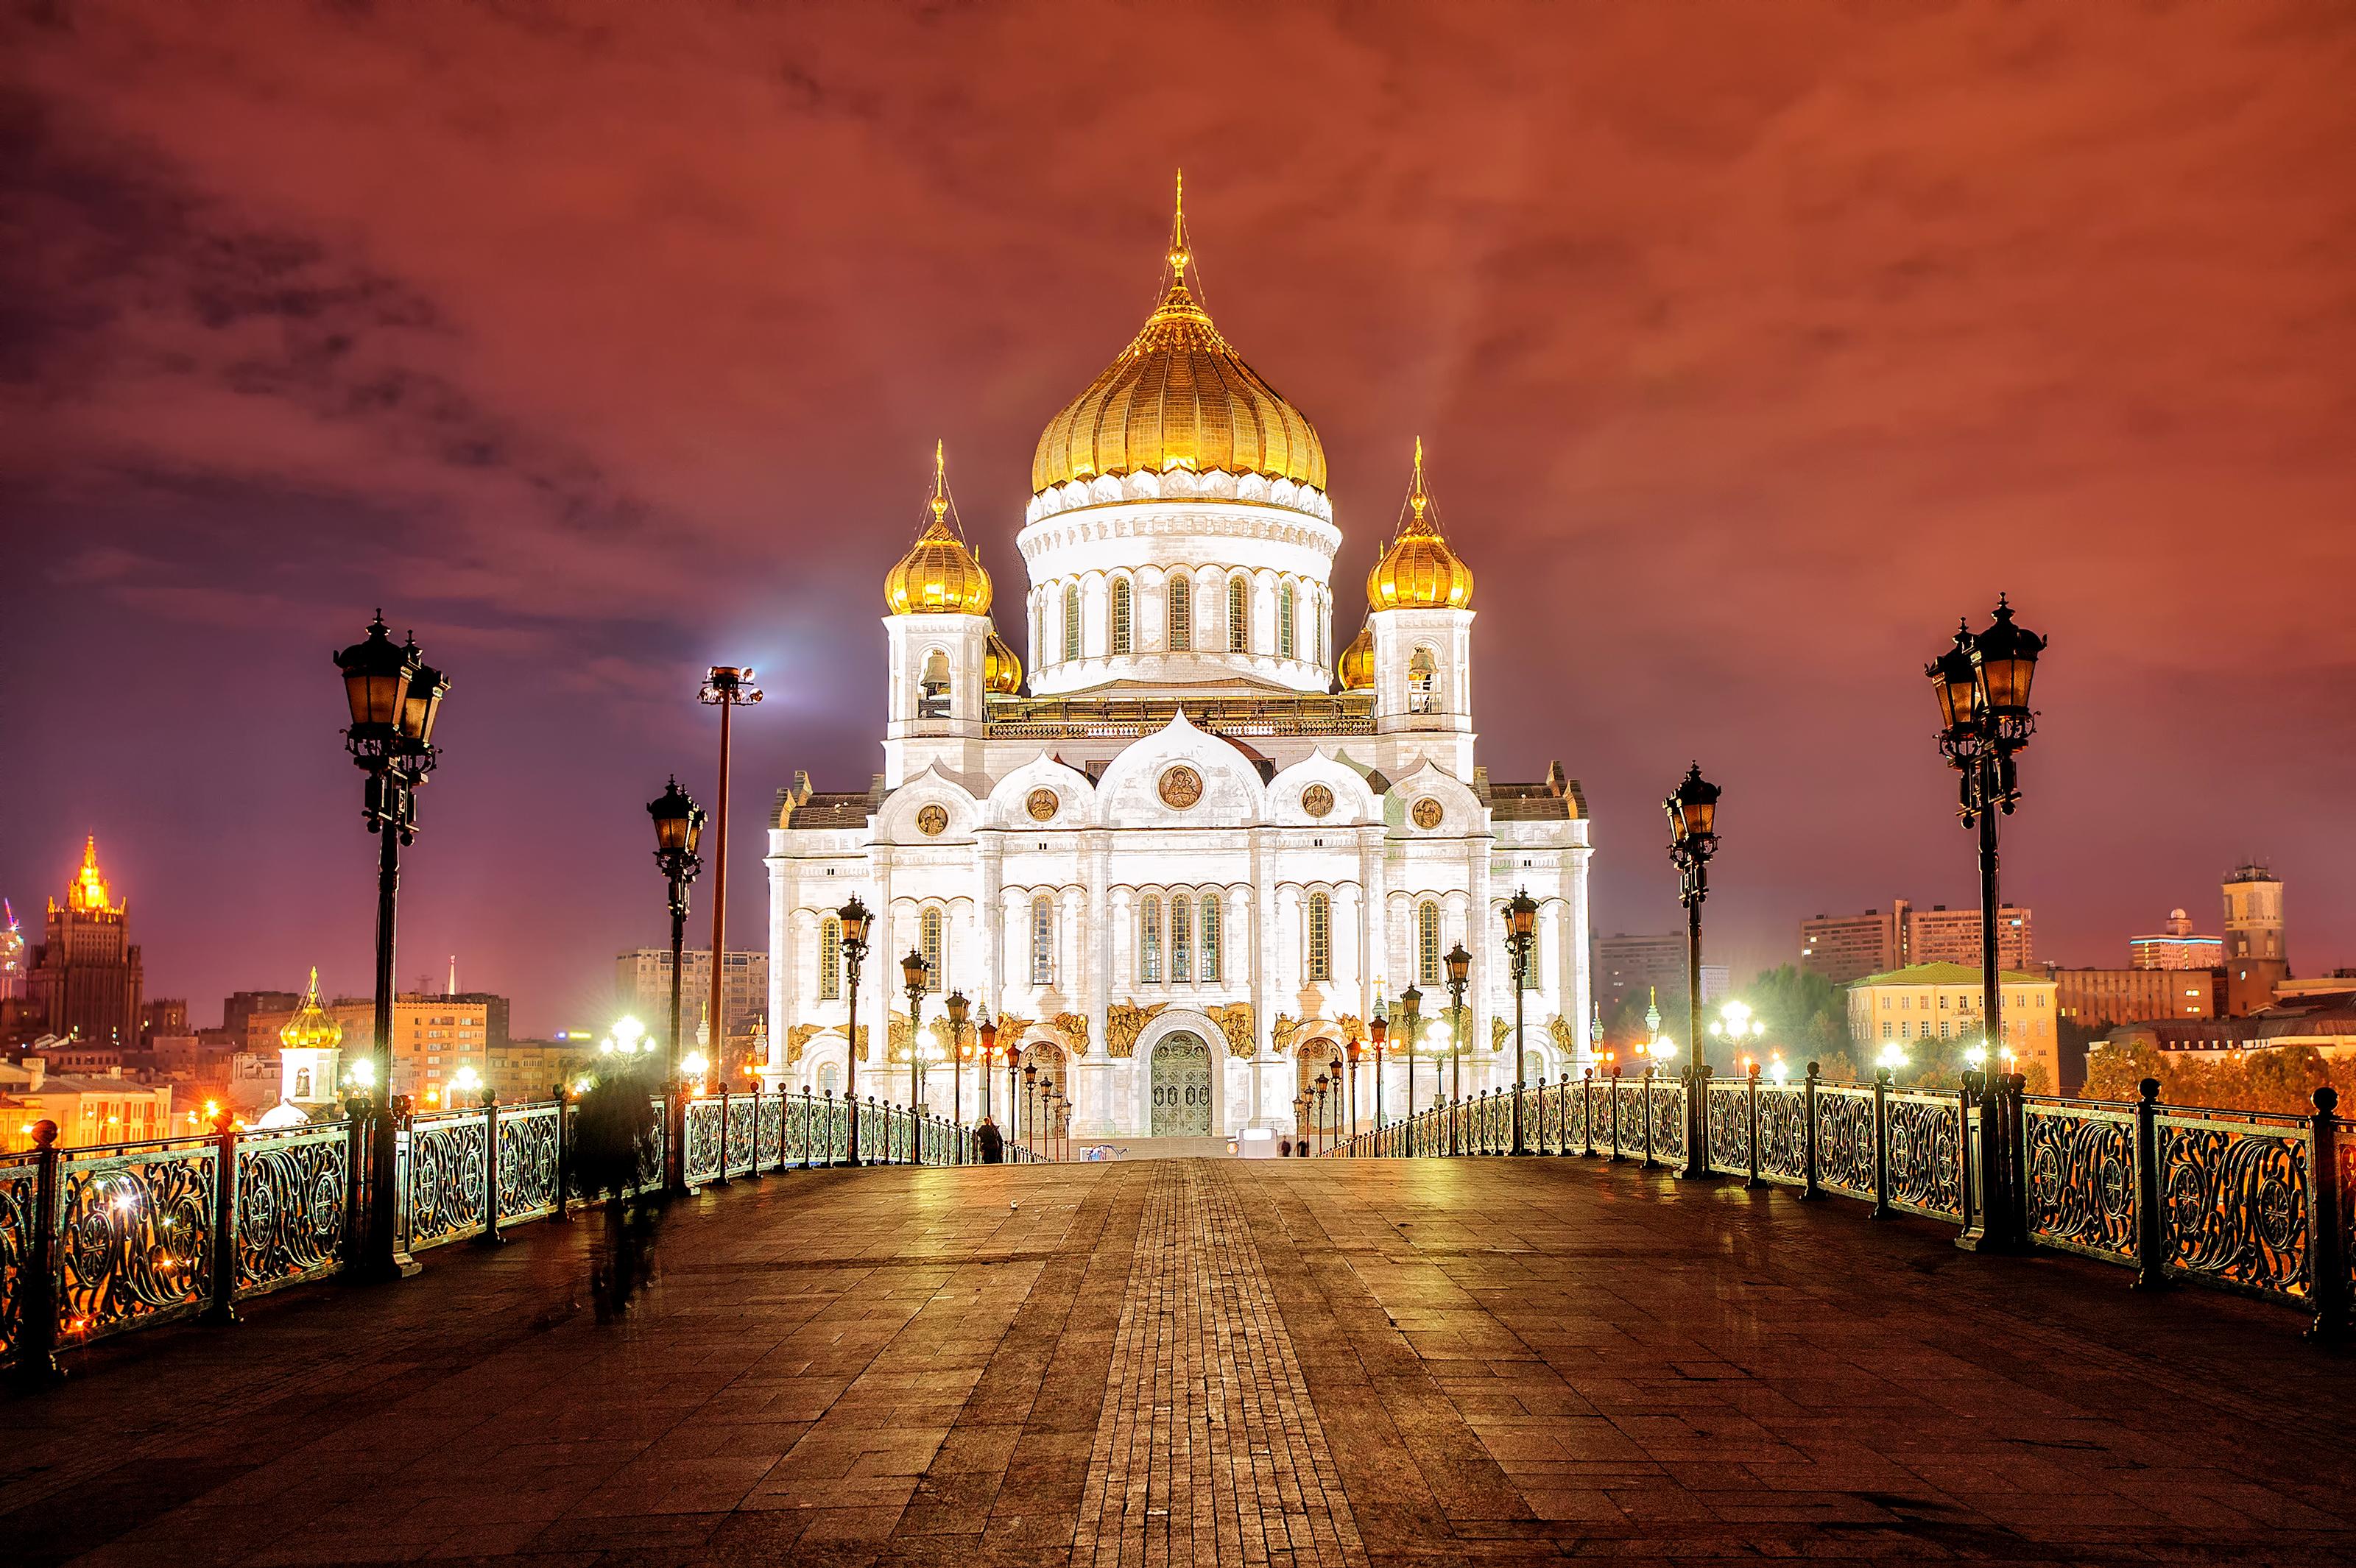 Картинки храмы россии красивые, картинки